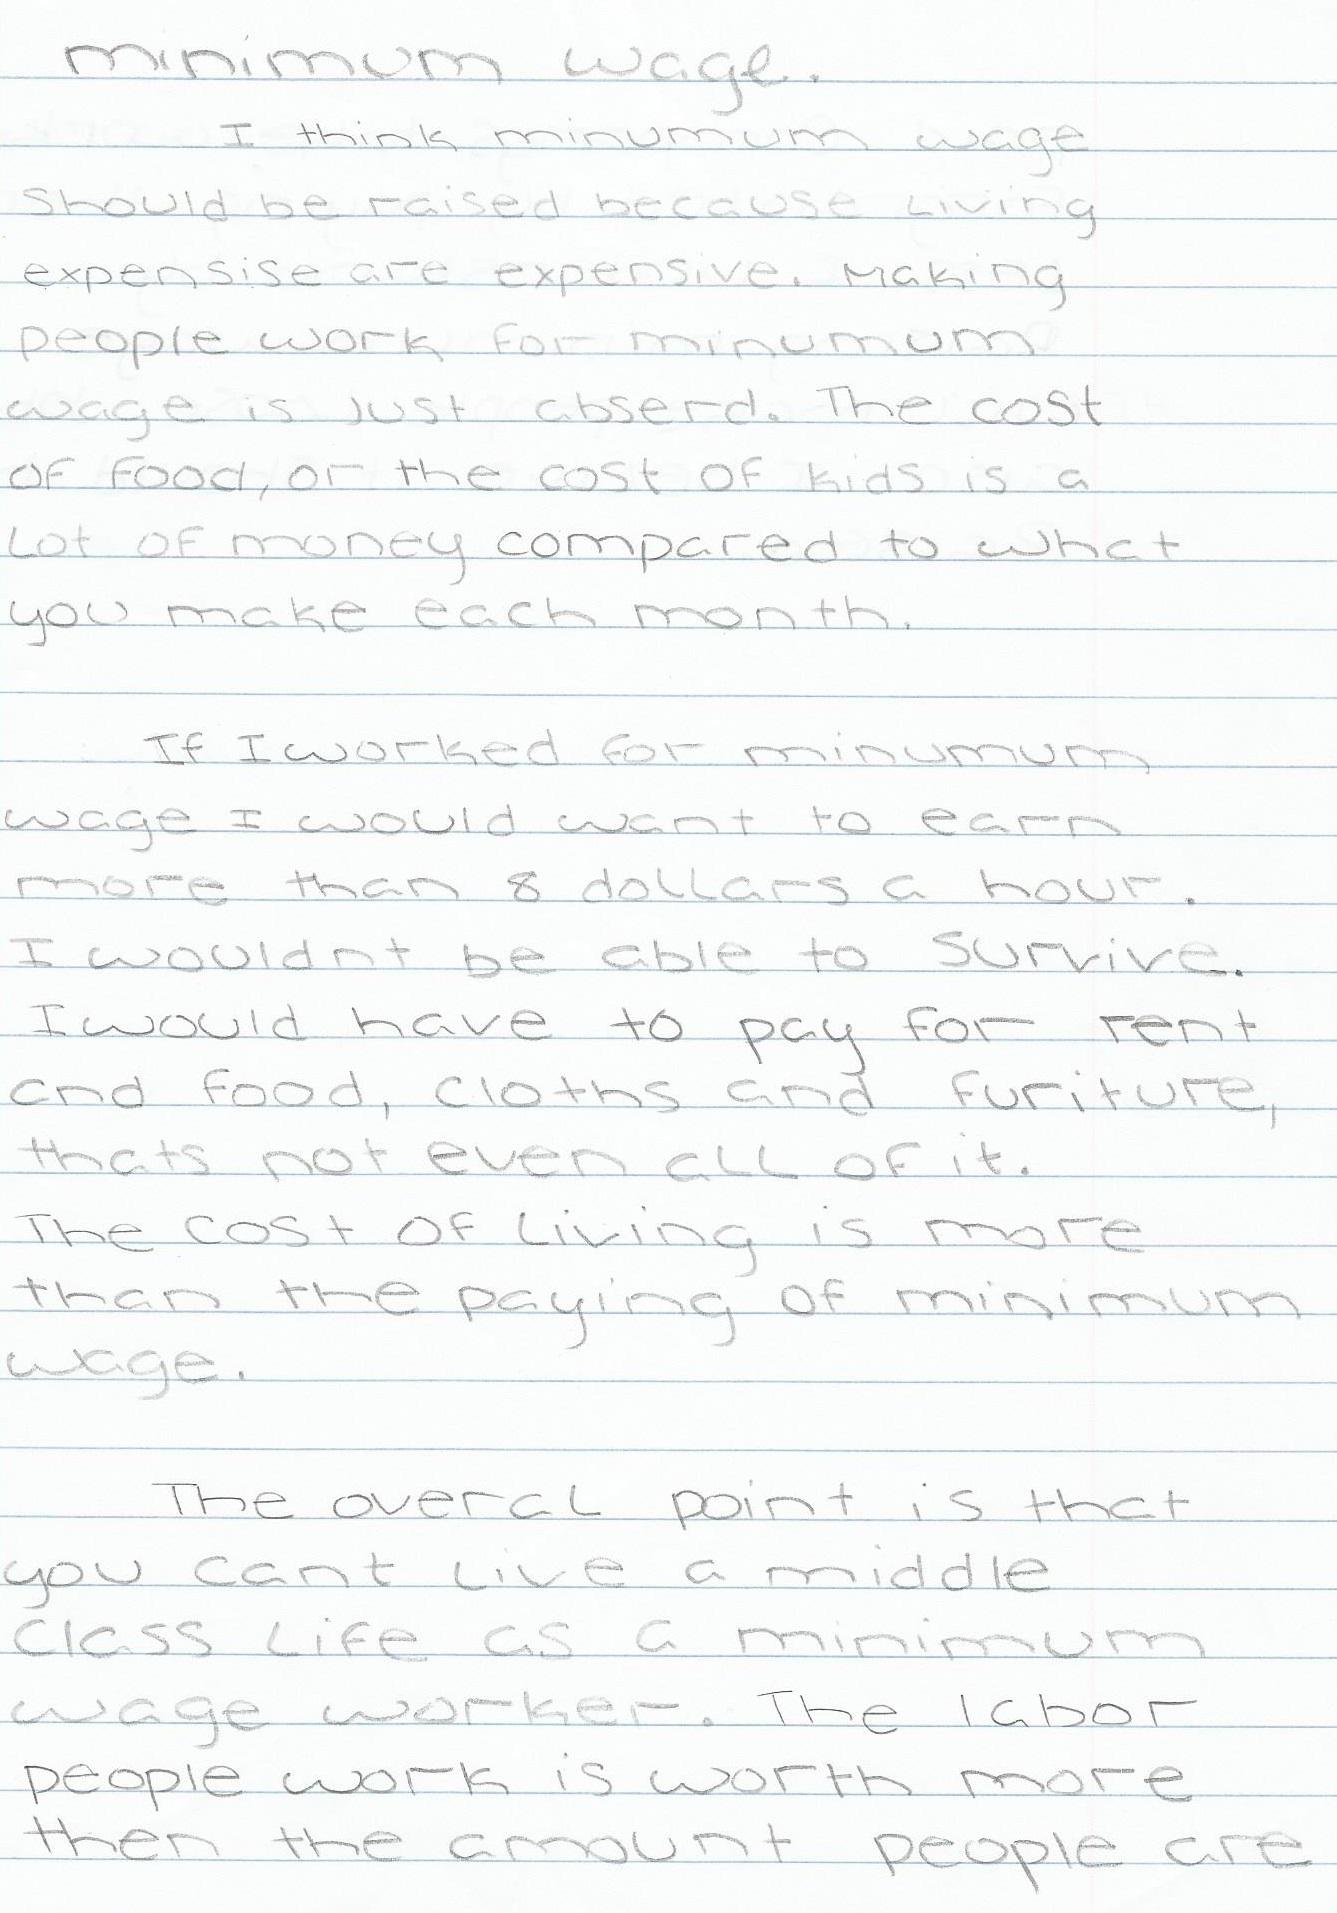 002 Minimum Wage Essay Should Raised Write Schola Increase Argumentative Raising Impressive Persuasive Topics Contest Outline Full